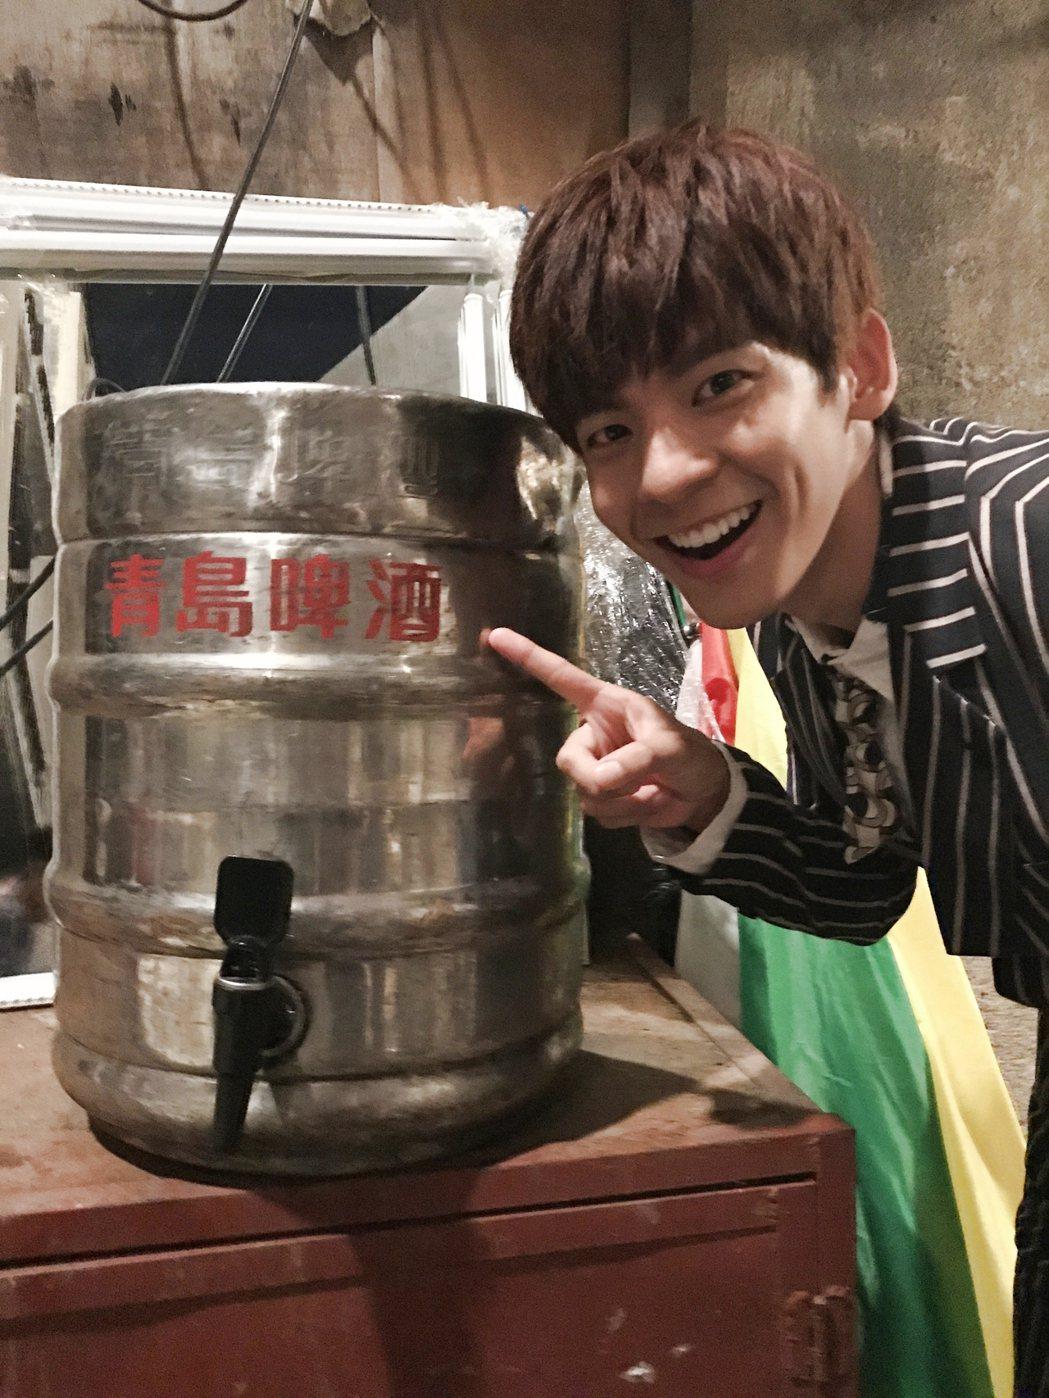 林柏宏請工作人員喝青島啤酒。 (※提醒您:禁止酒駕 飲酒過量有礙健康) 圖/周子...